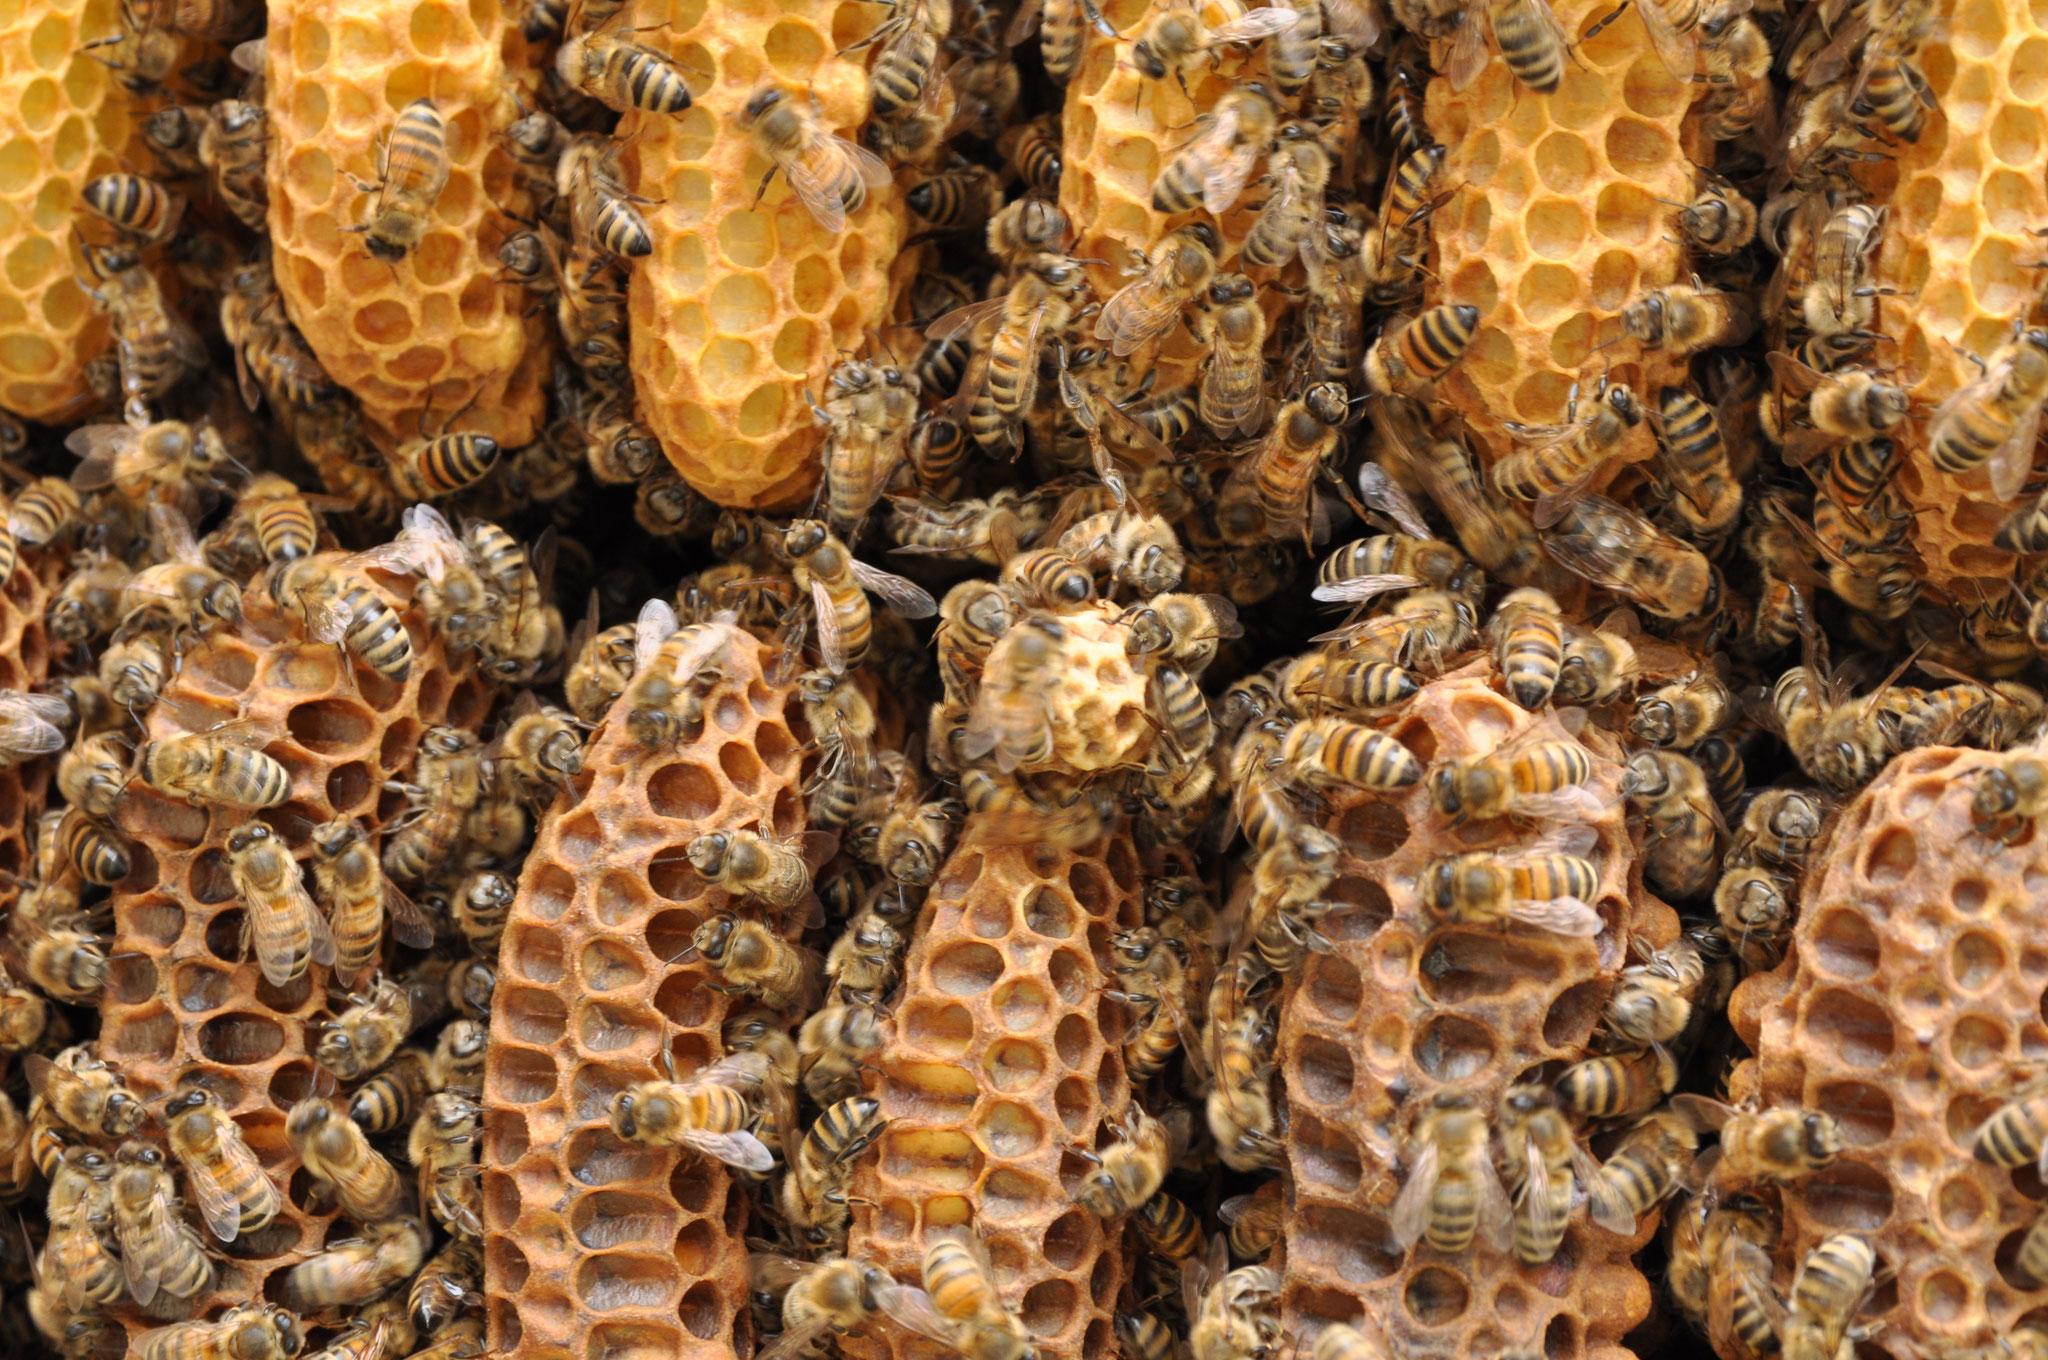 Weiselzelle 2 Brut/Honigraum Mitte